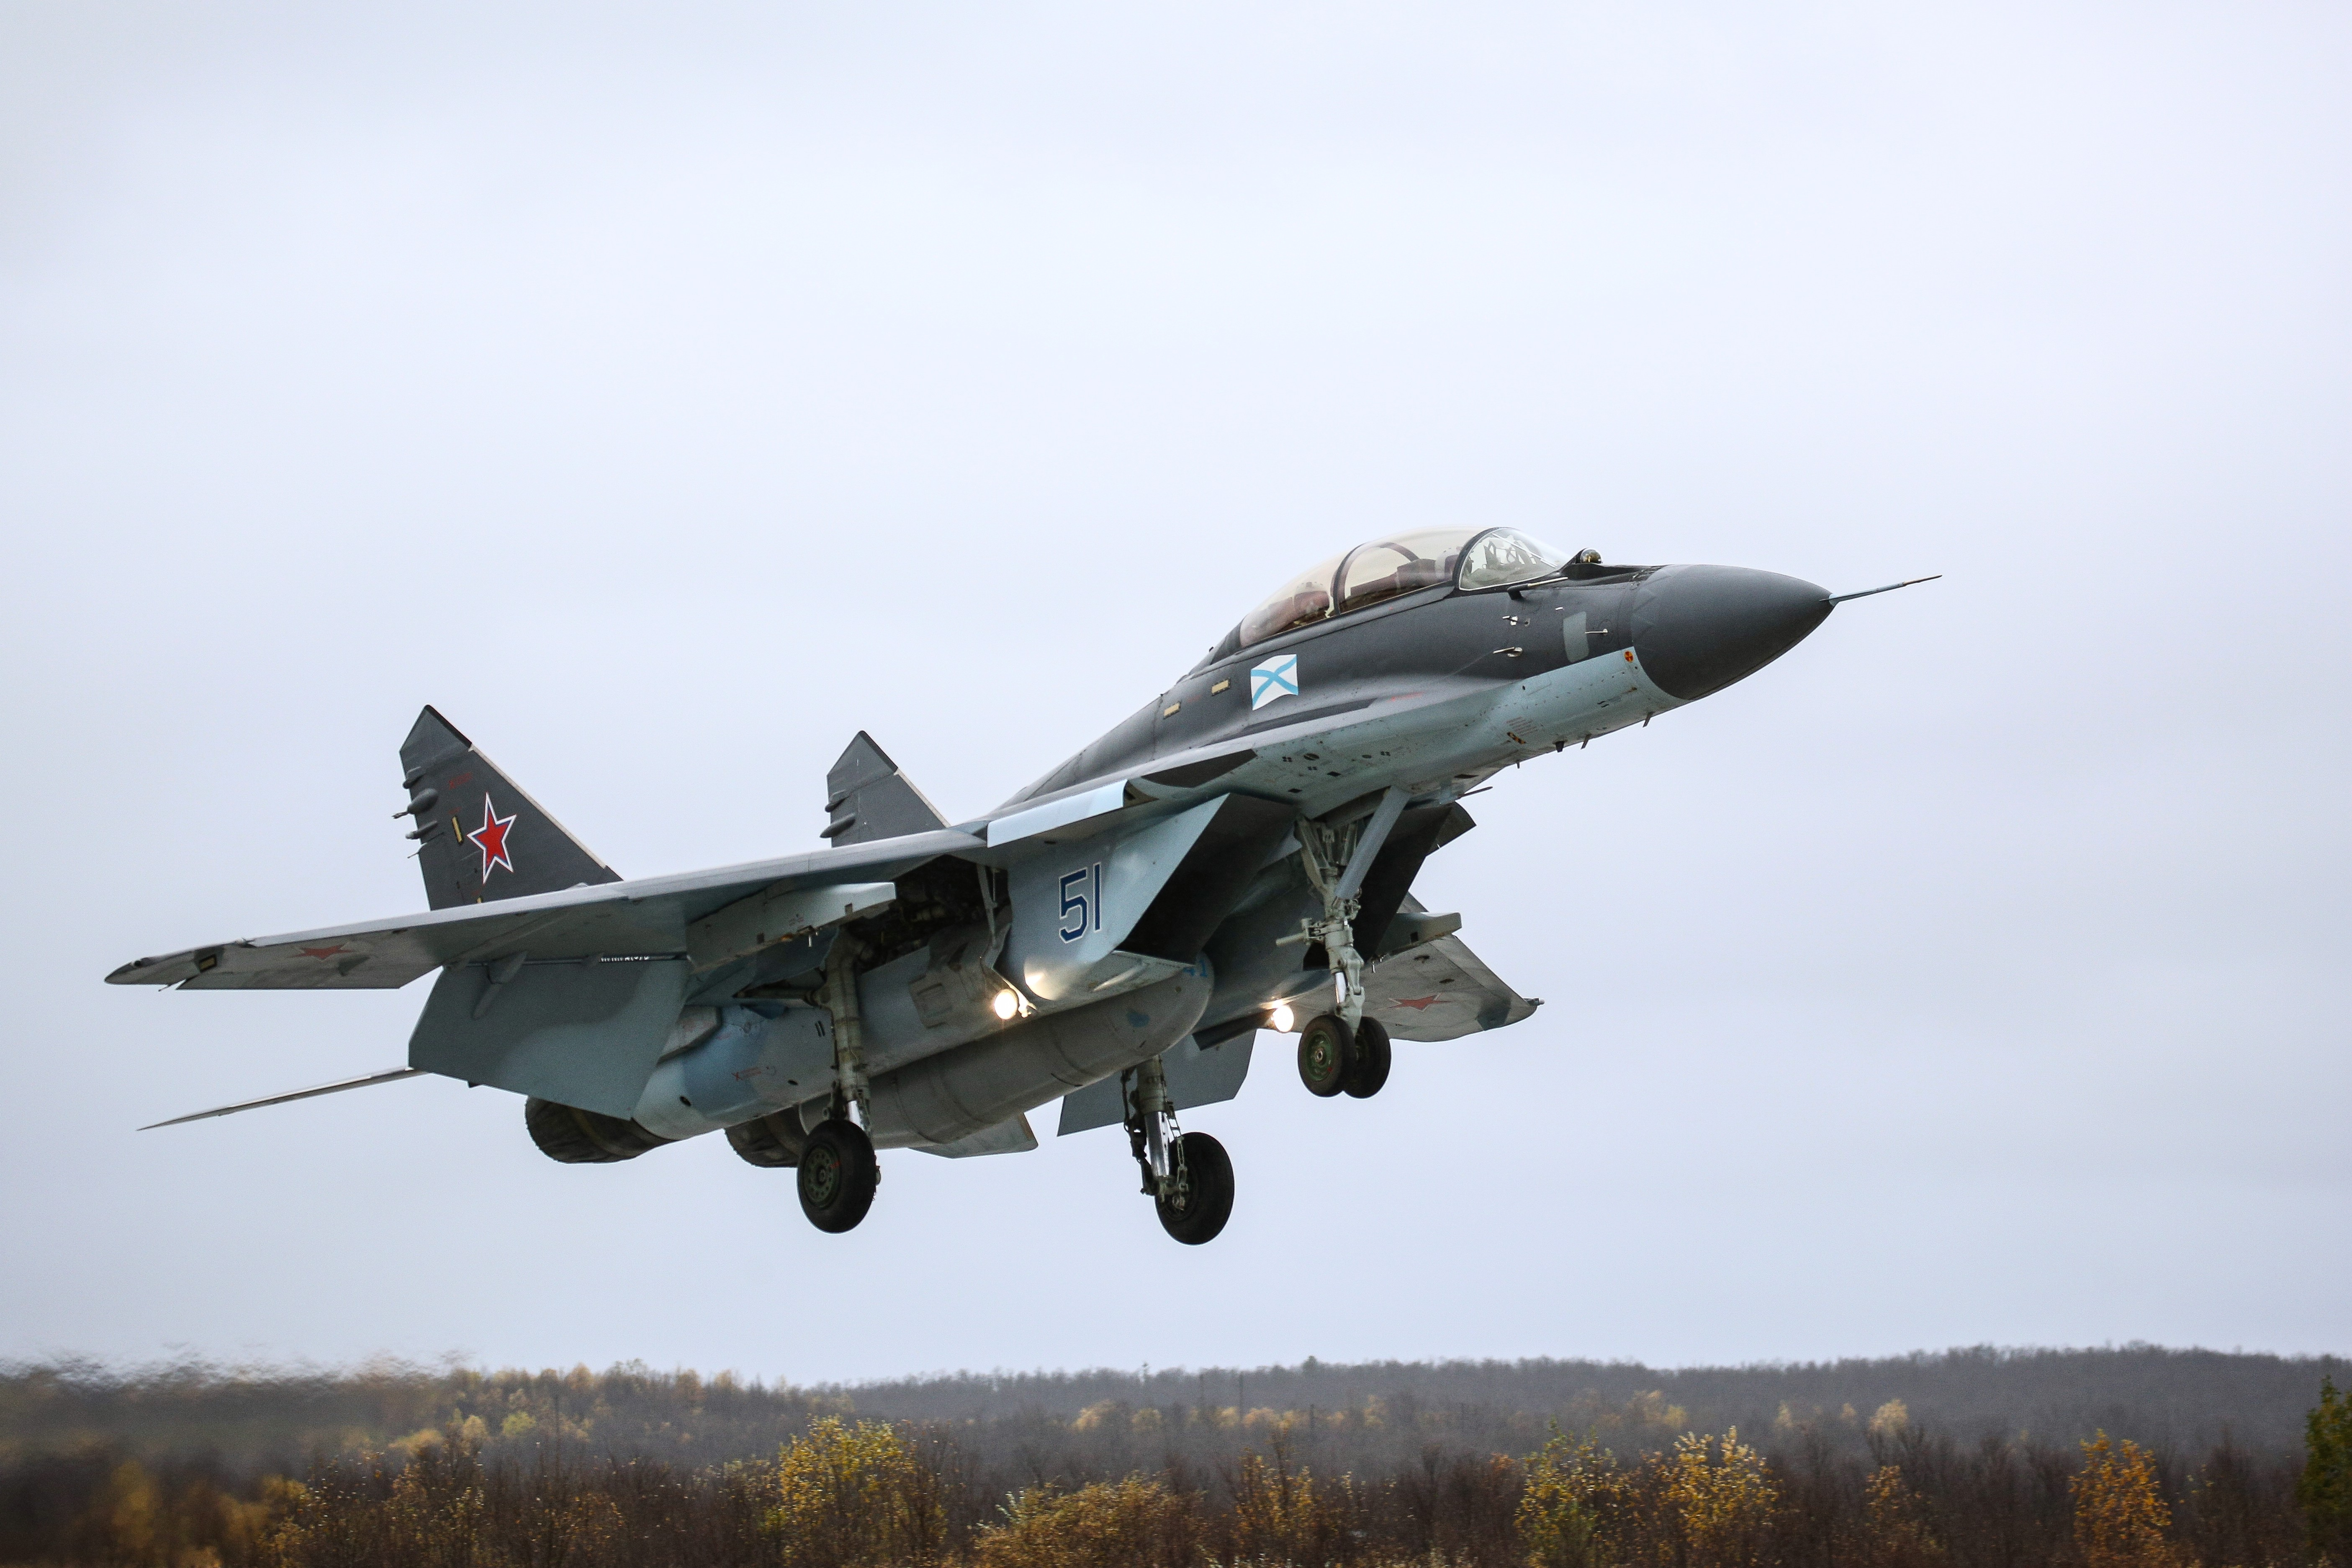 <p>Российский многоцелевой истребитель МиГ-29К. Фото: &copy;РИА Новости/Павле Львов</p>